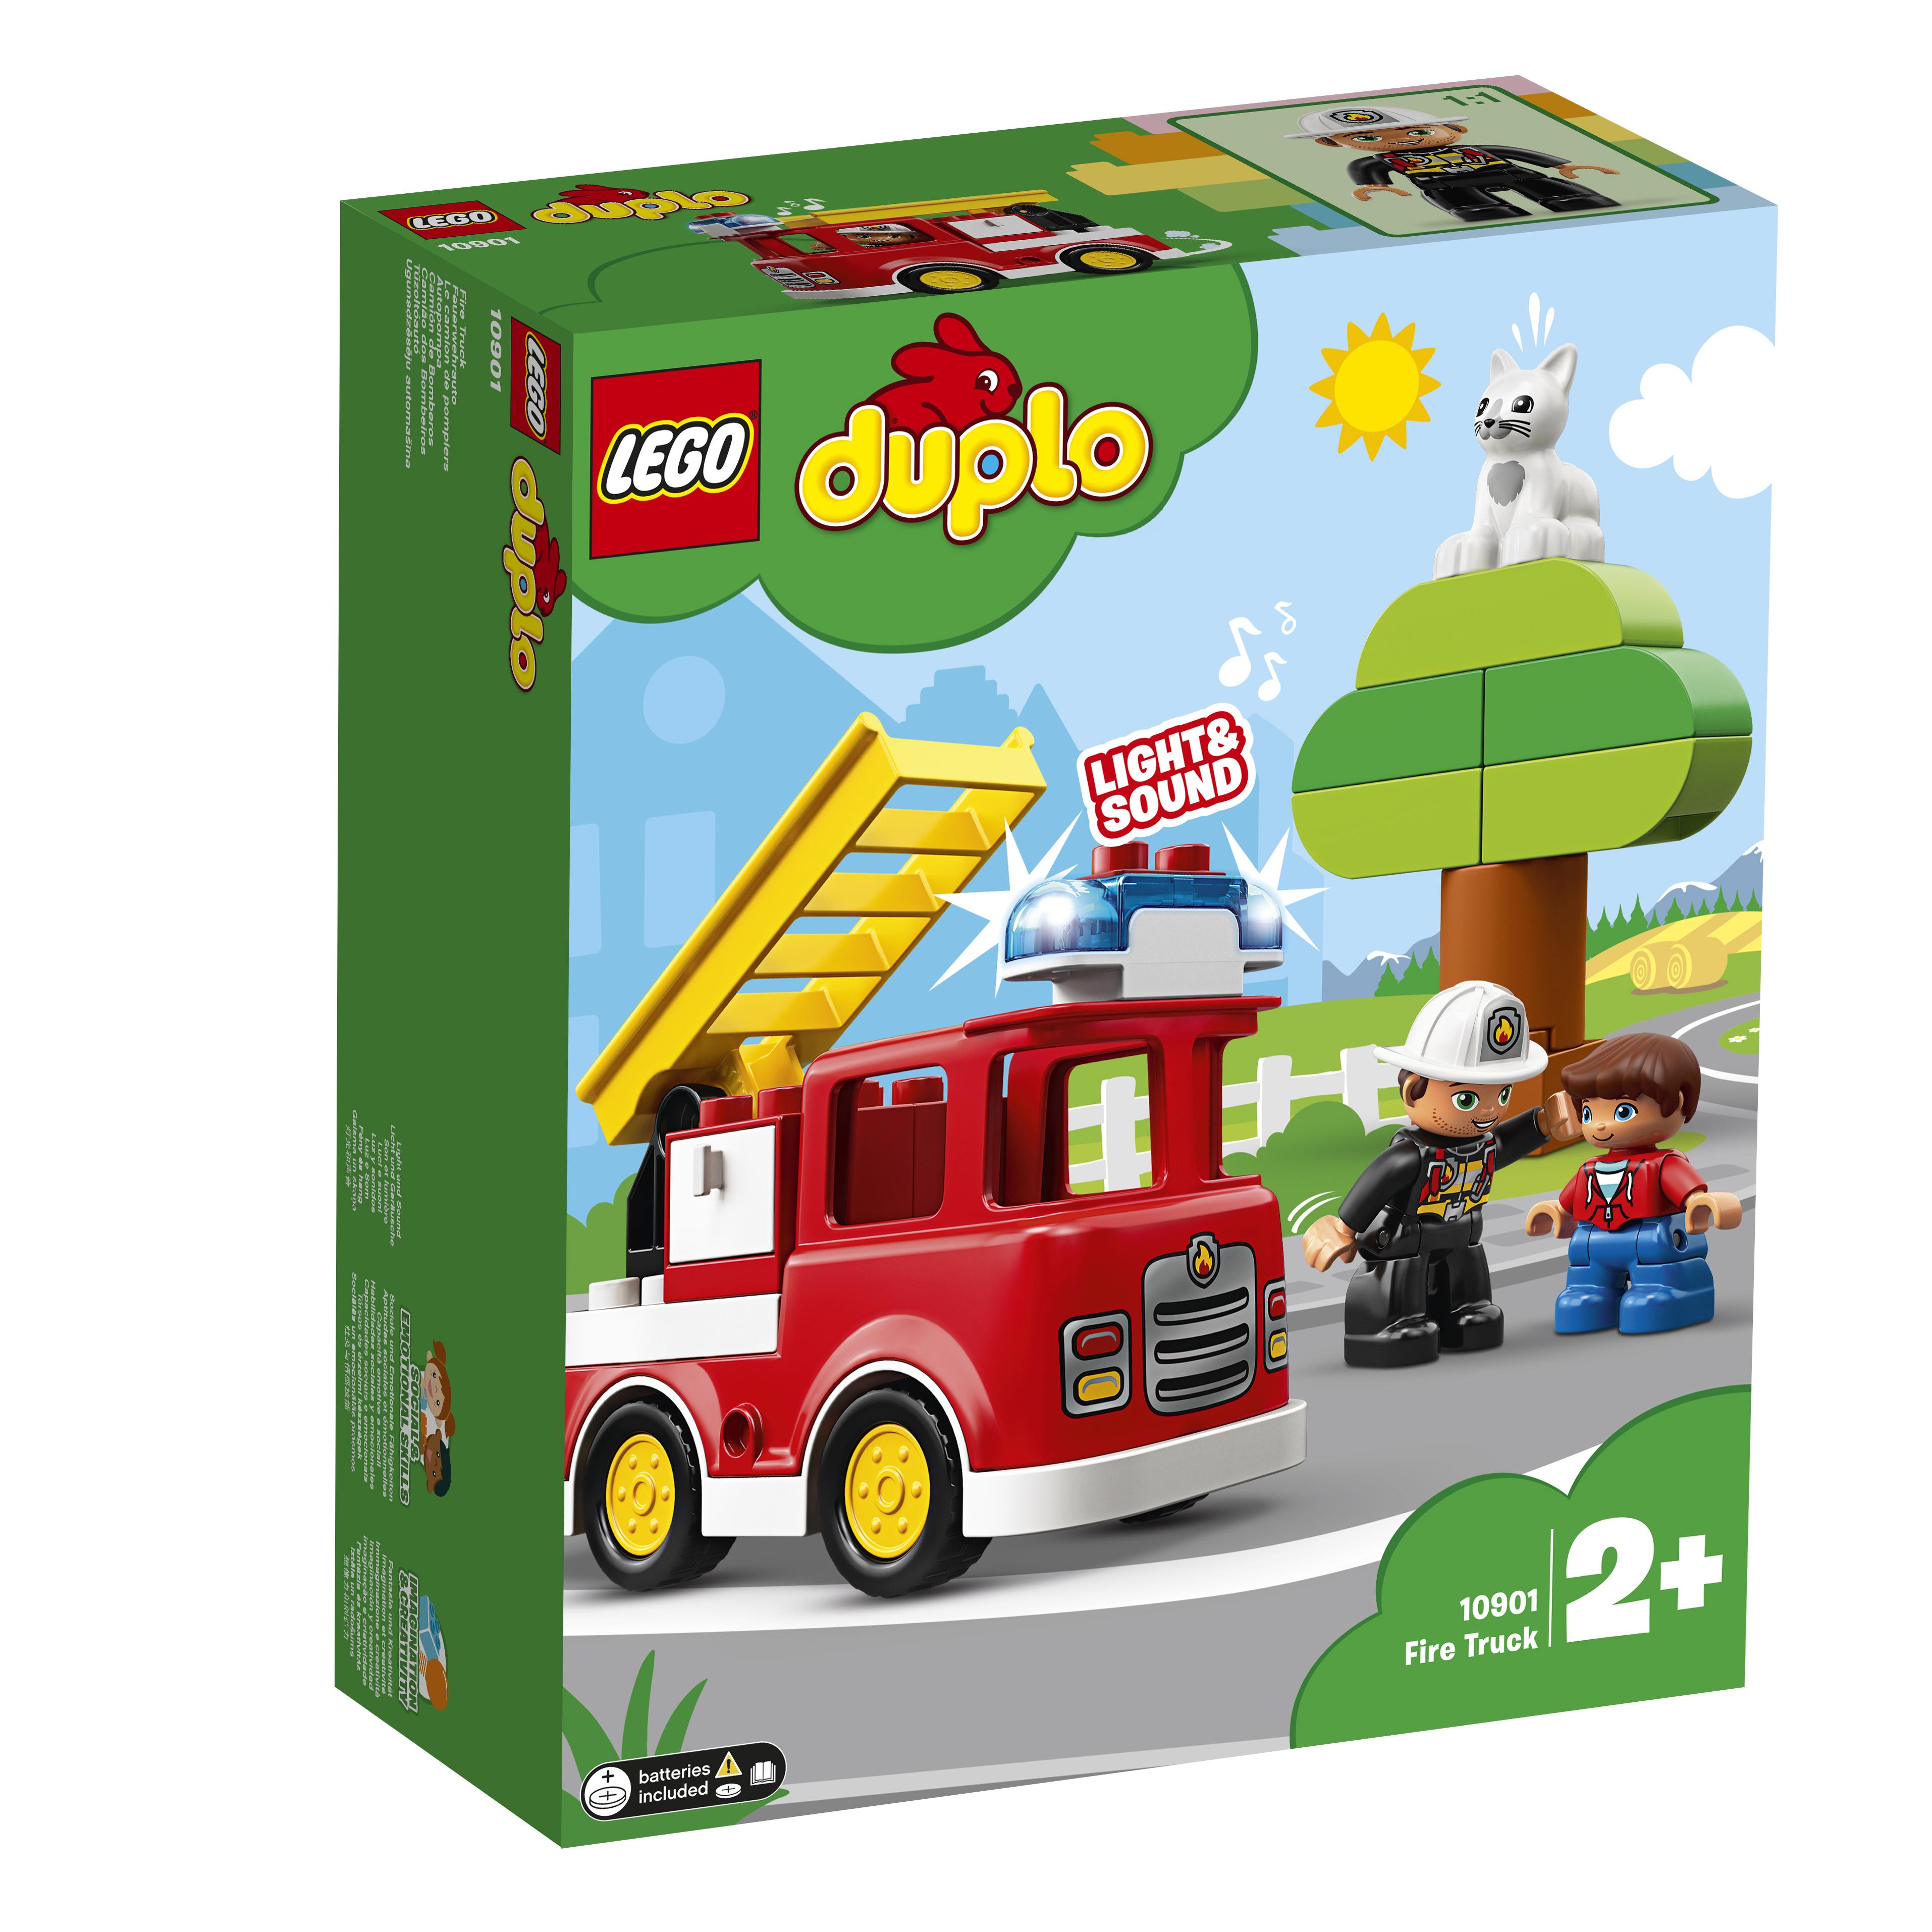 LEGO DUPLO LEGO Town 10901 Пожарная машина lego duplo конструктор гоночный автомобиль 10589